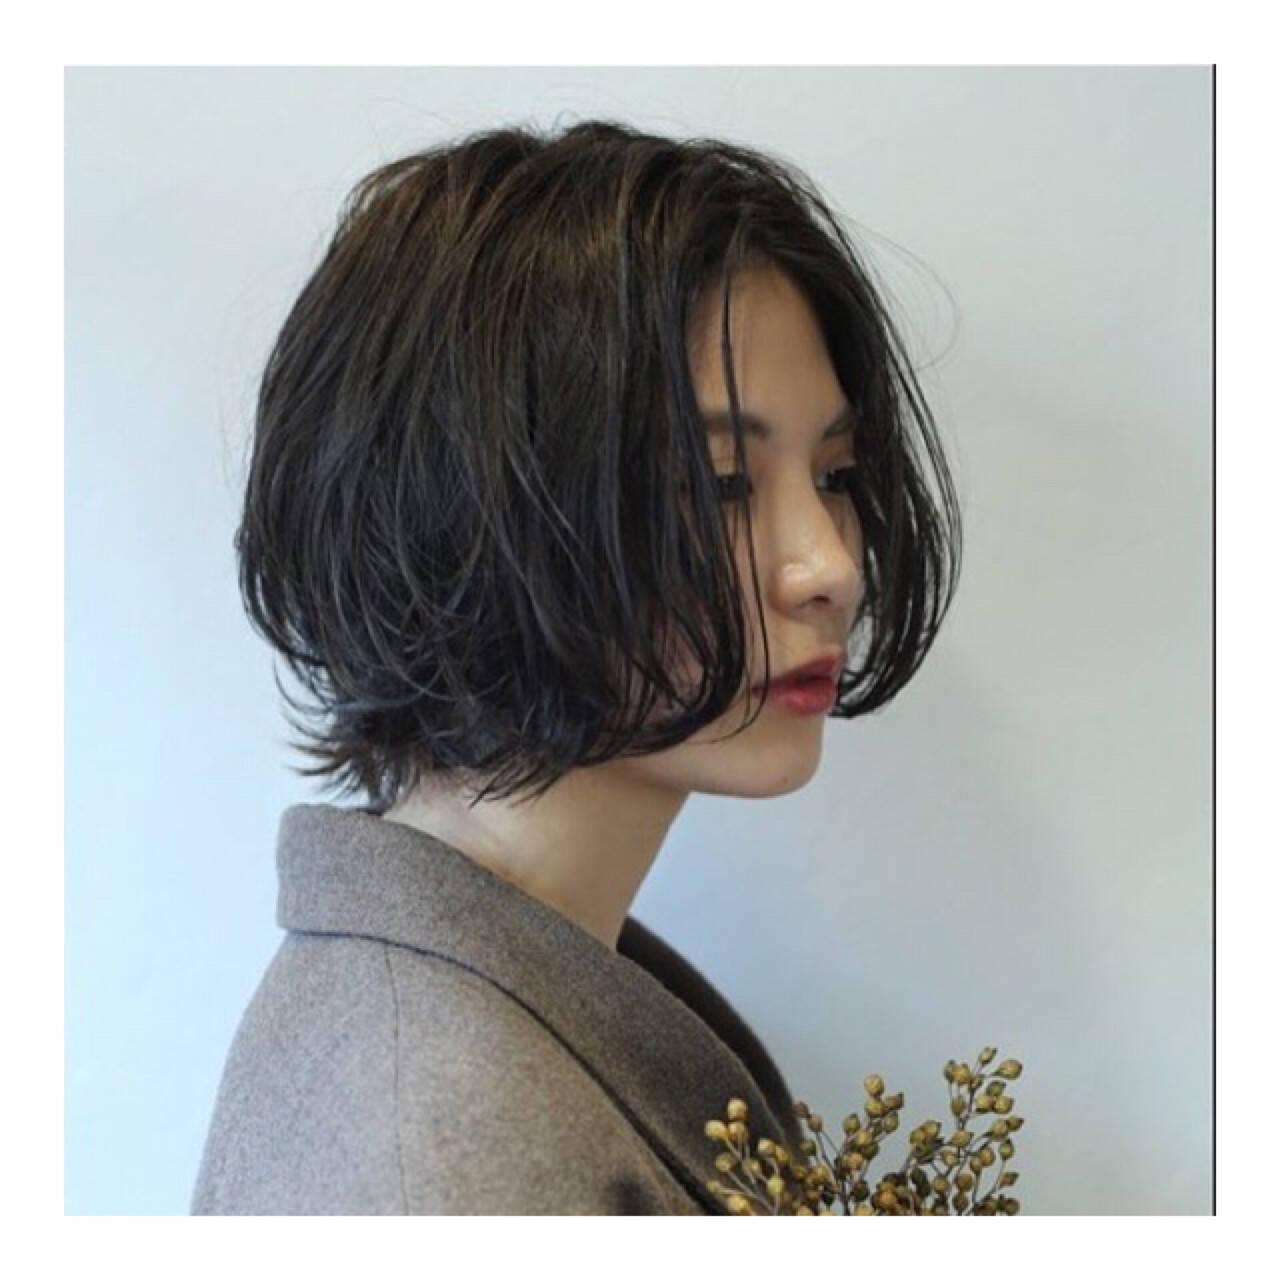 センターパート ボブ ナチュラル パーマヘアスタイルや髪型の写真・画像